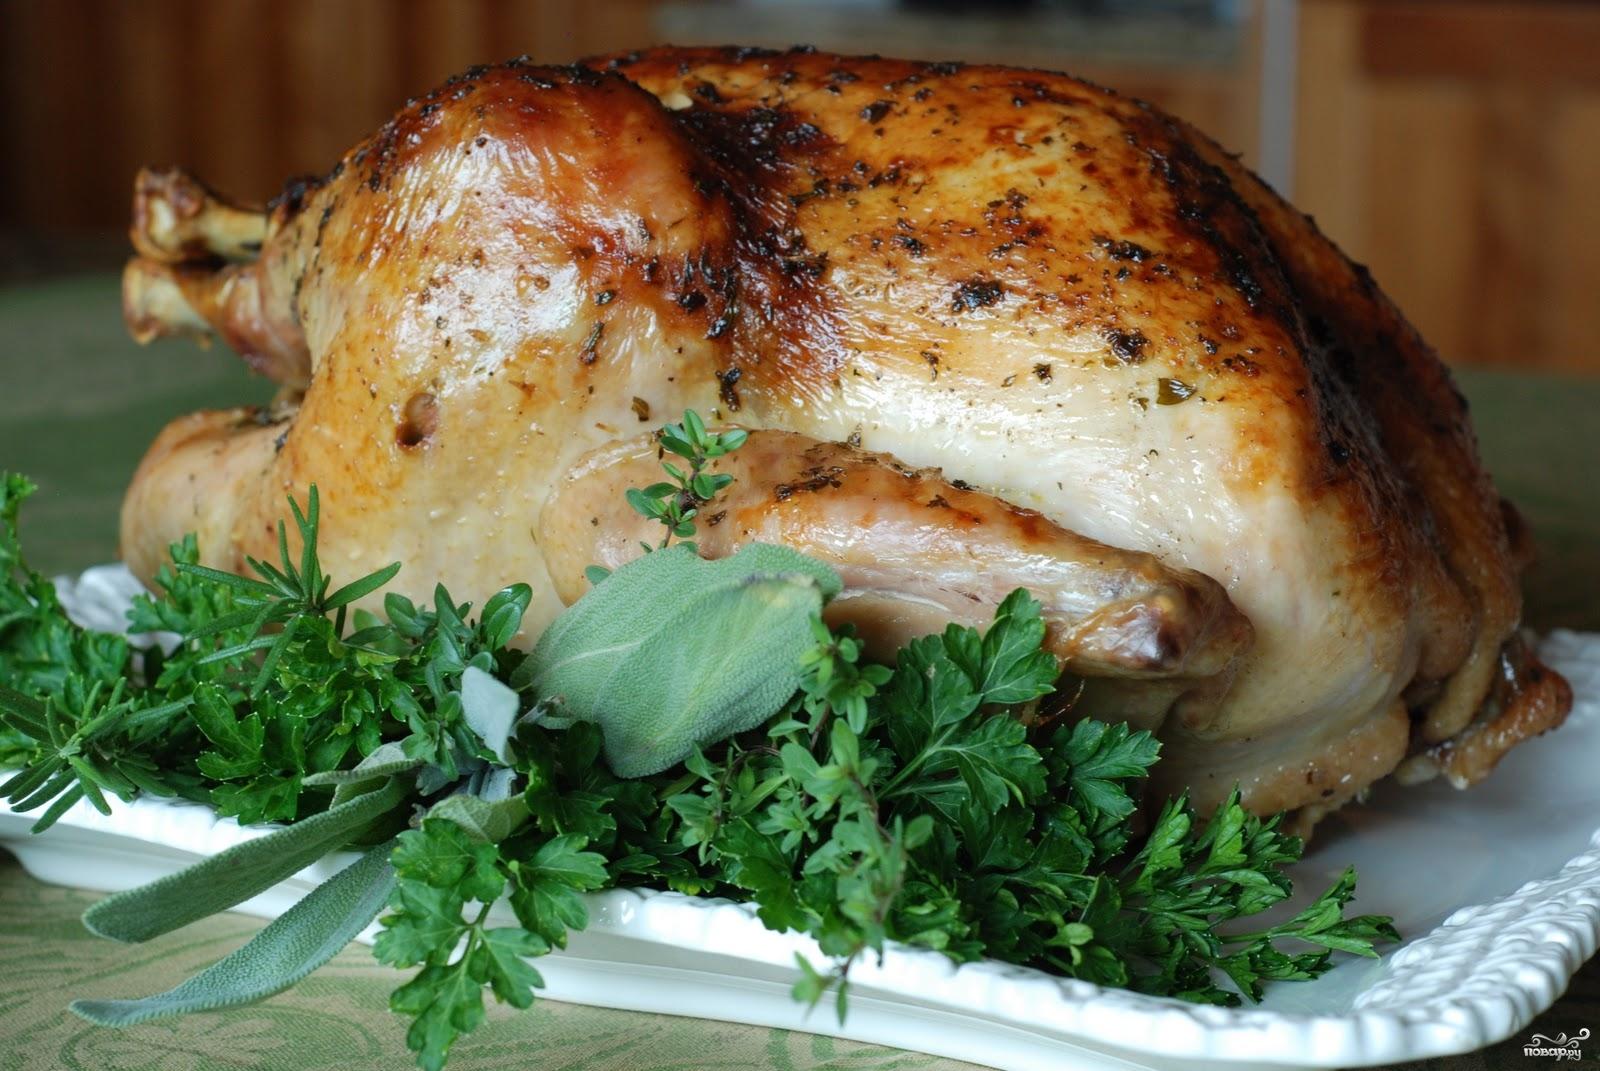 Утка в духовке: ? как замариновать и запечь, чтобы была мягкой и сочной, рецепты пошагово, фото, видео в домашних условиях